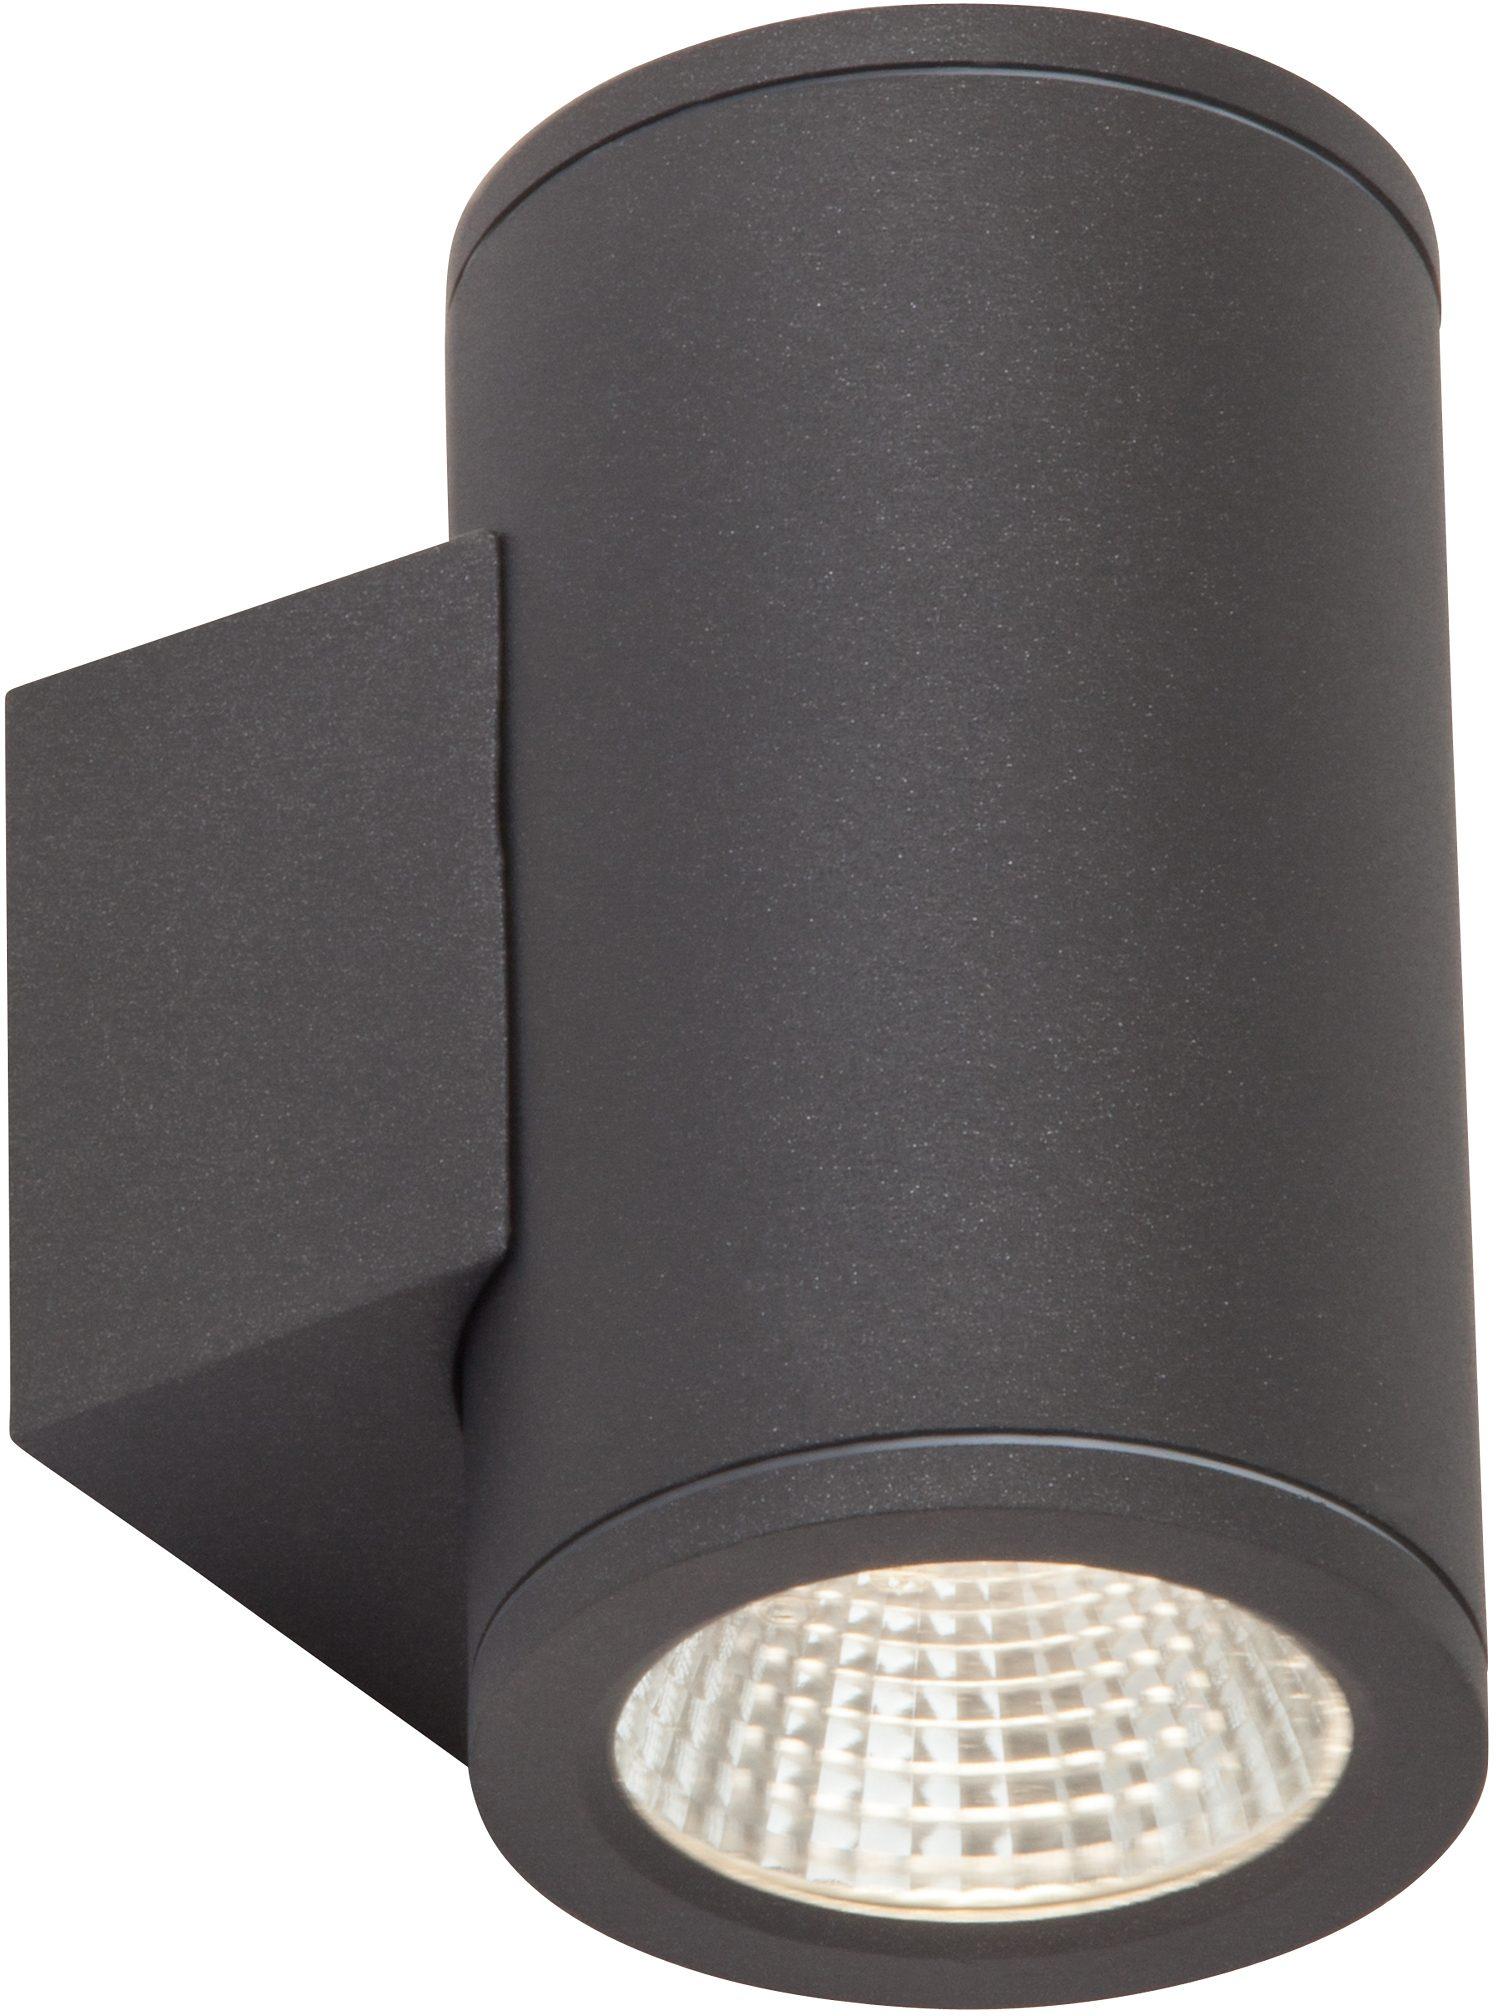 AEG Leuchten LED Außen-Wandleuchte ARGO